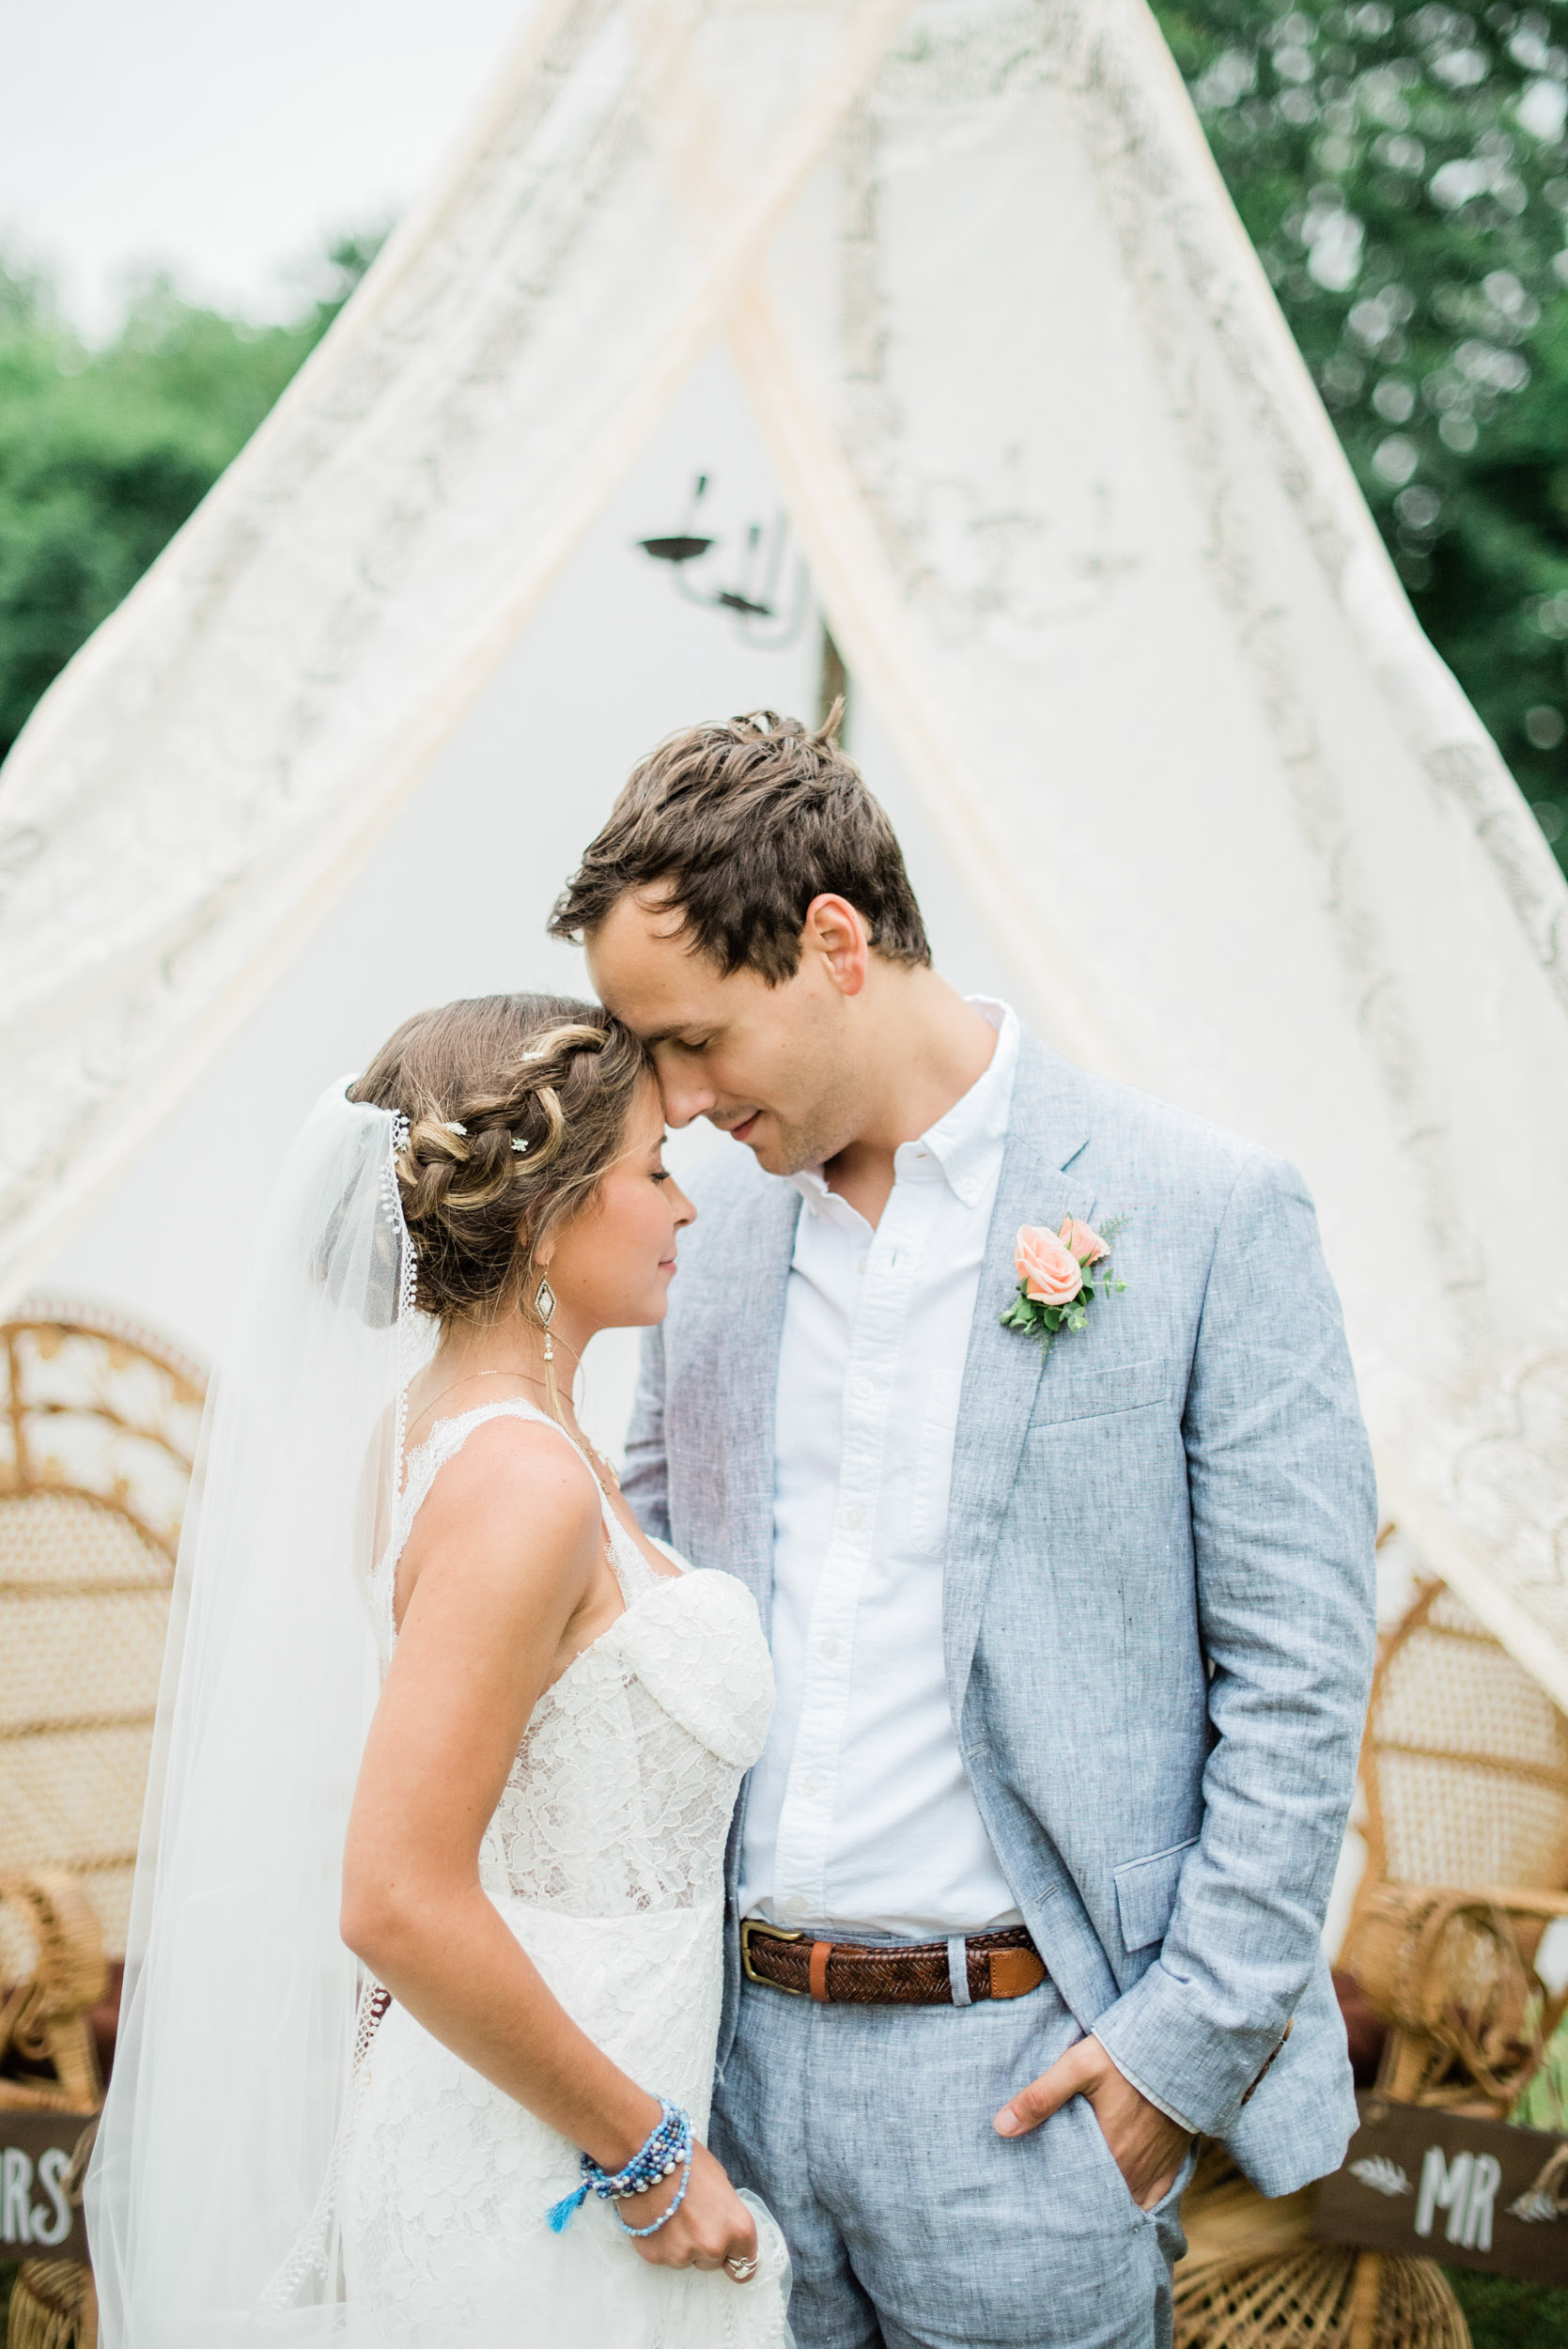 Northampton Massachusetts Wedding Photography